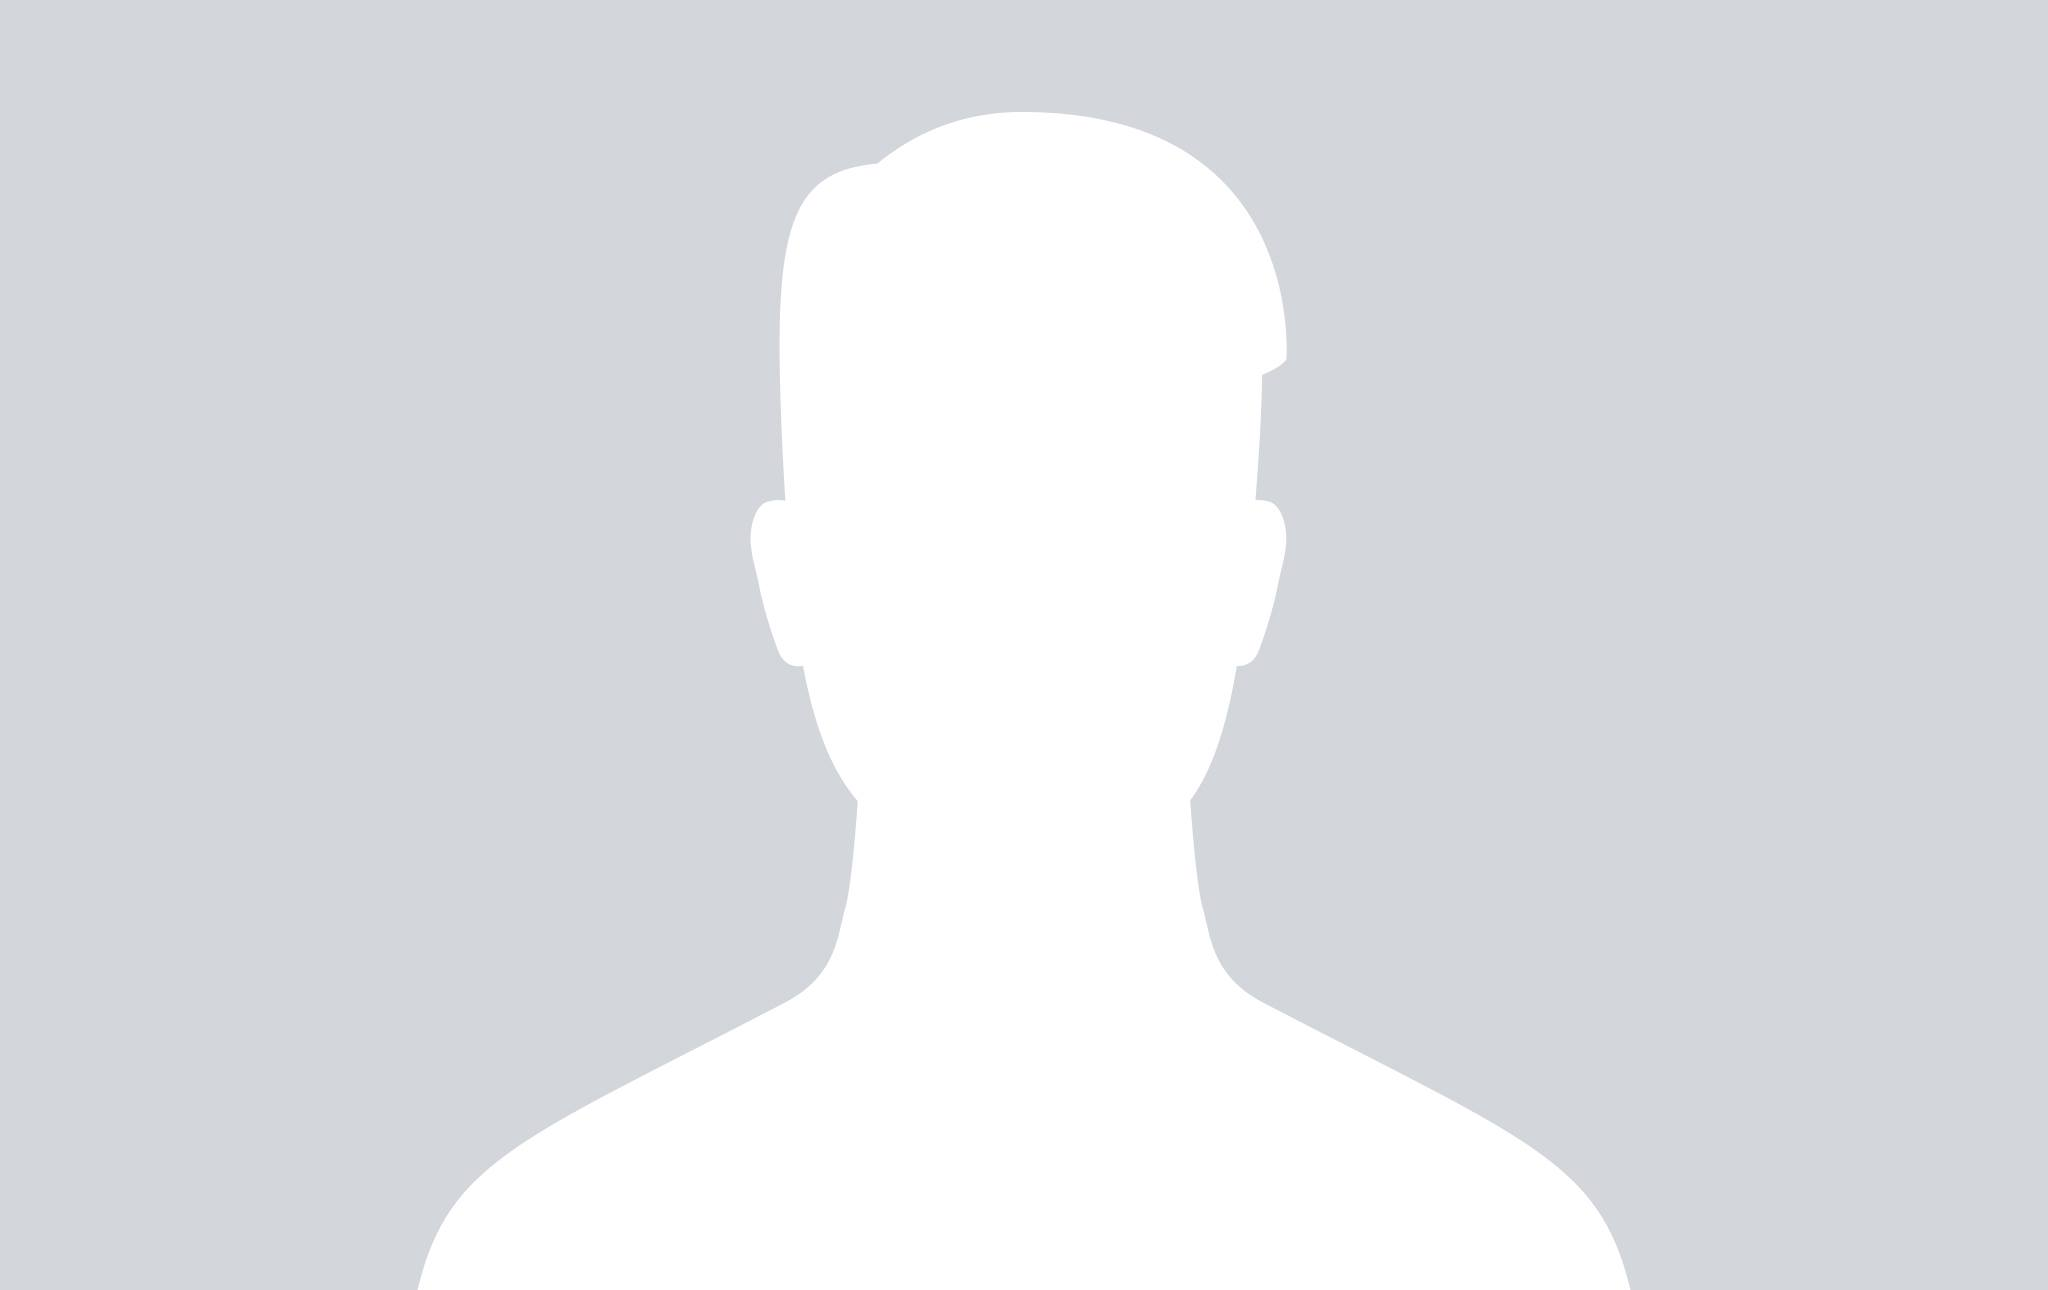 https://d2yht872mhrlra.cloudfront.net/user/125262/user_125262.jpg